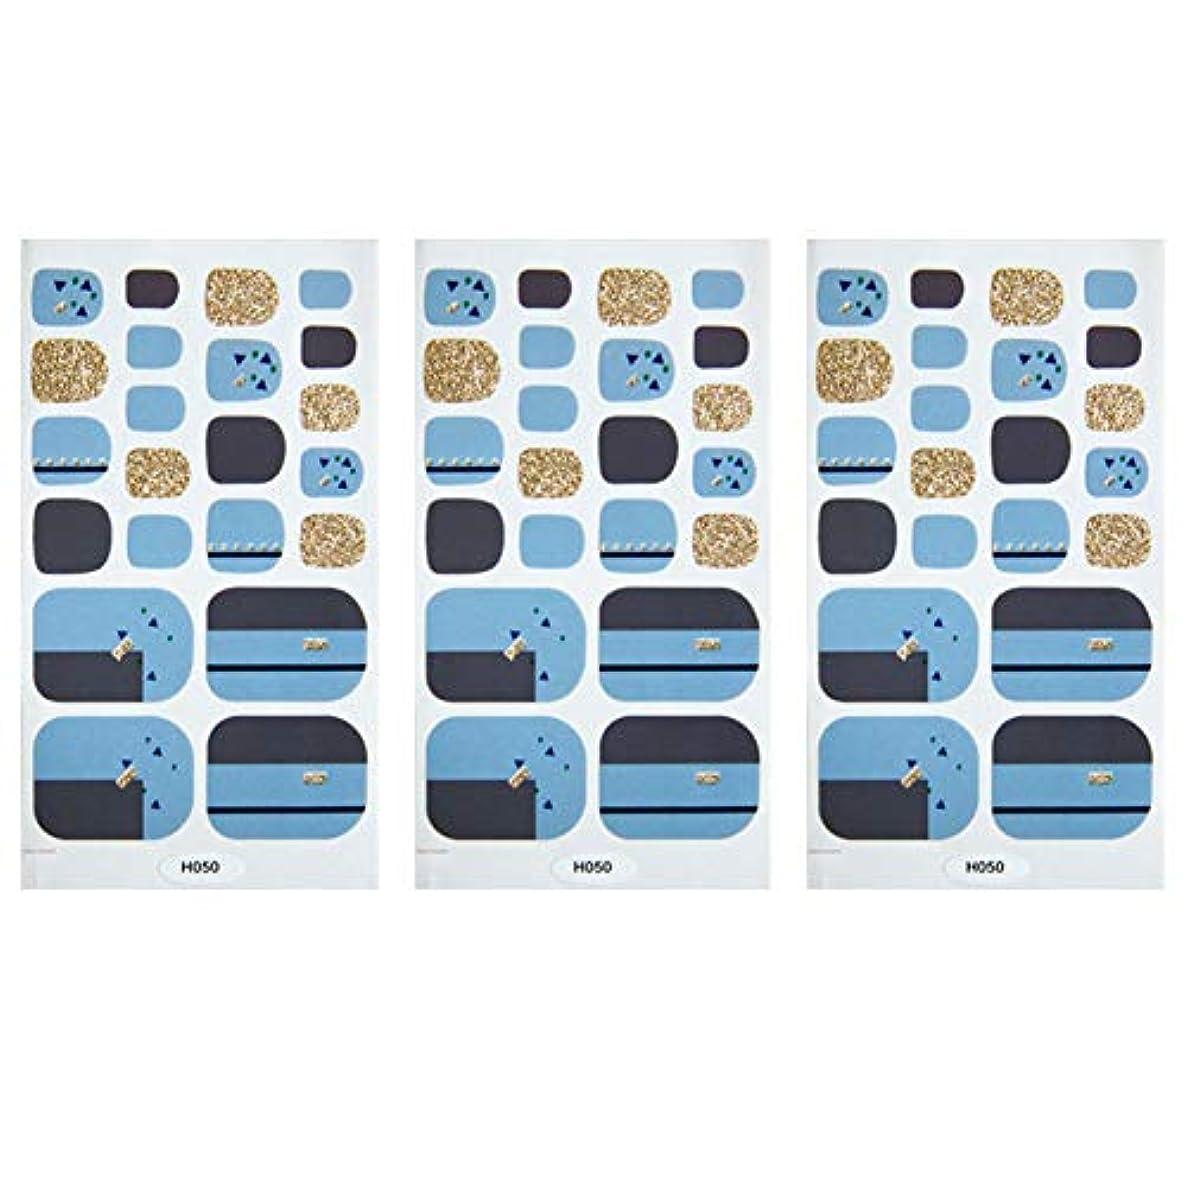 削る改革怠Poonikuuネイルシール ネイルステッカー 足爪 ネイルデコレーション 貼るだけマニキュア 女性レディースプレゼンギフト 人気のあるファクション美しさおしゃれ 3枚セット ブルー